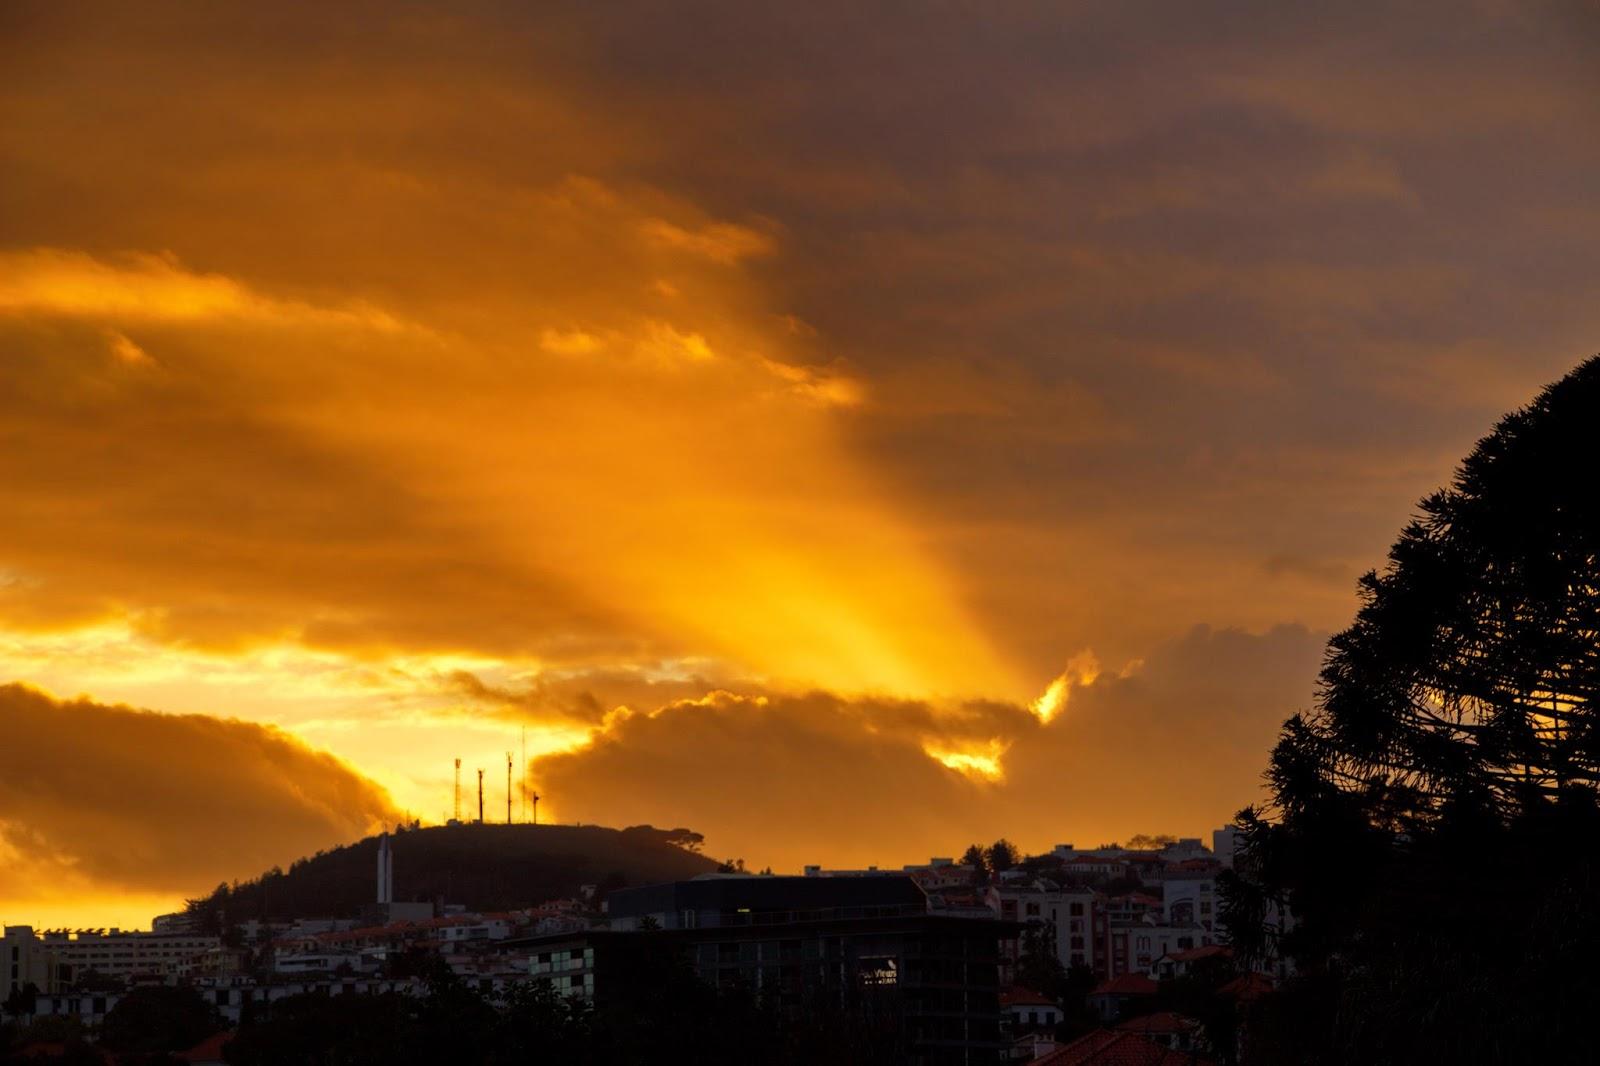 o raio que ilumina a fim de tarde